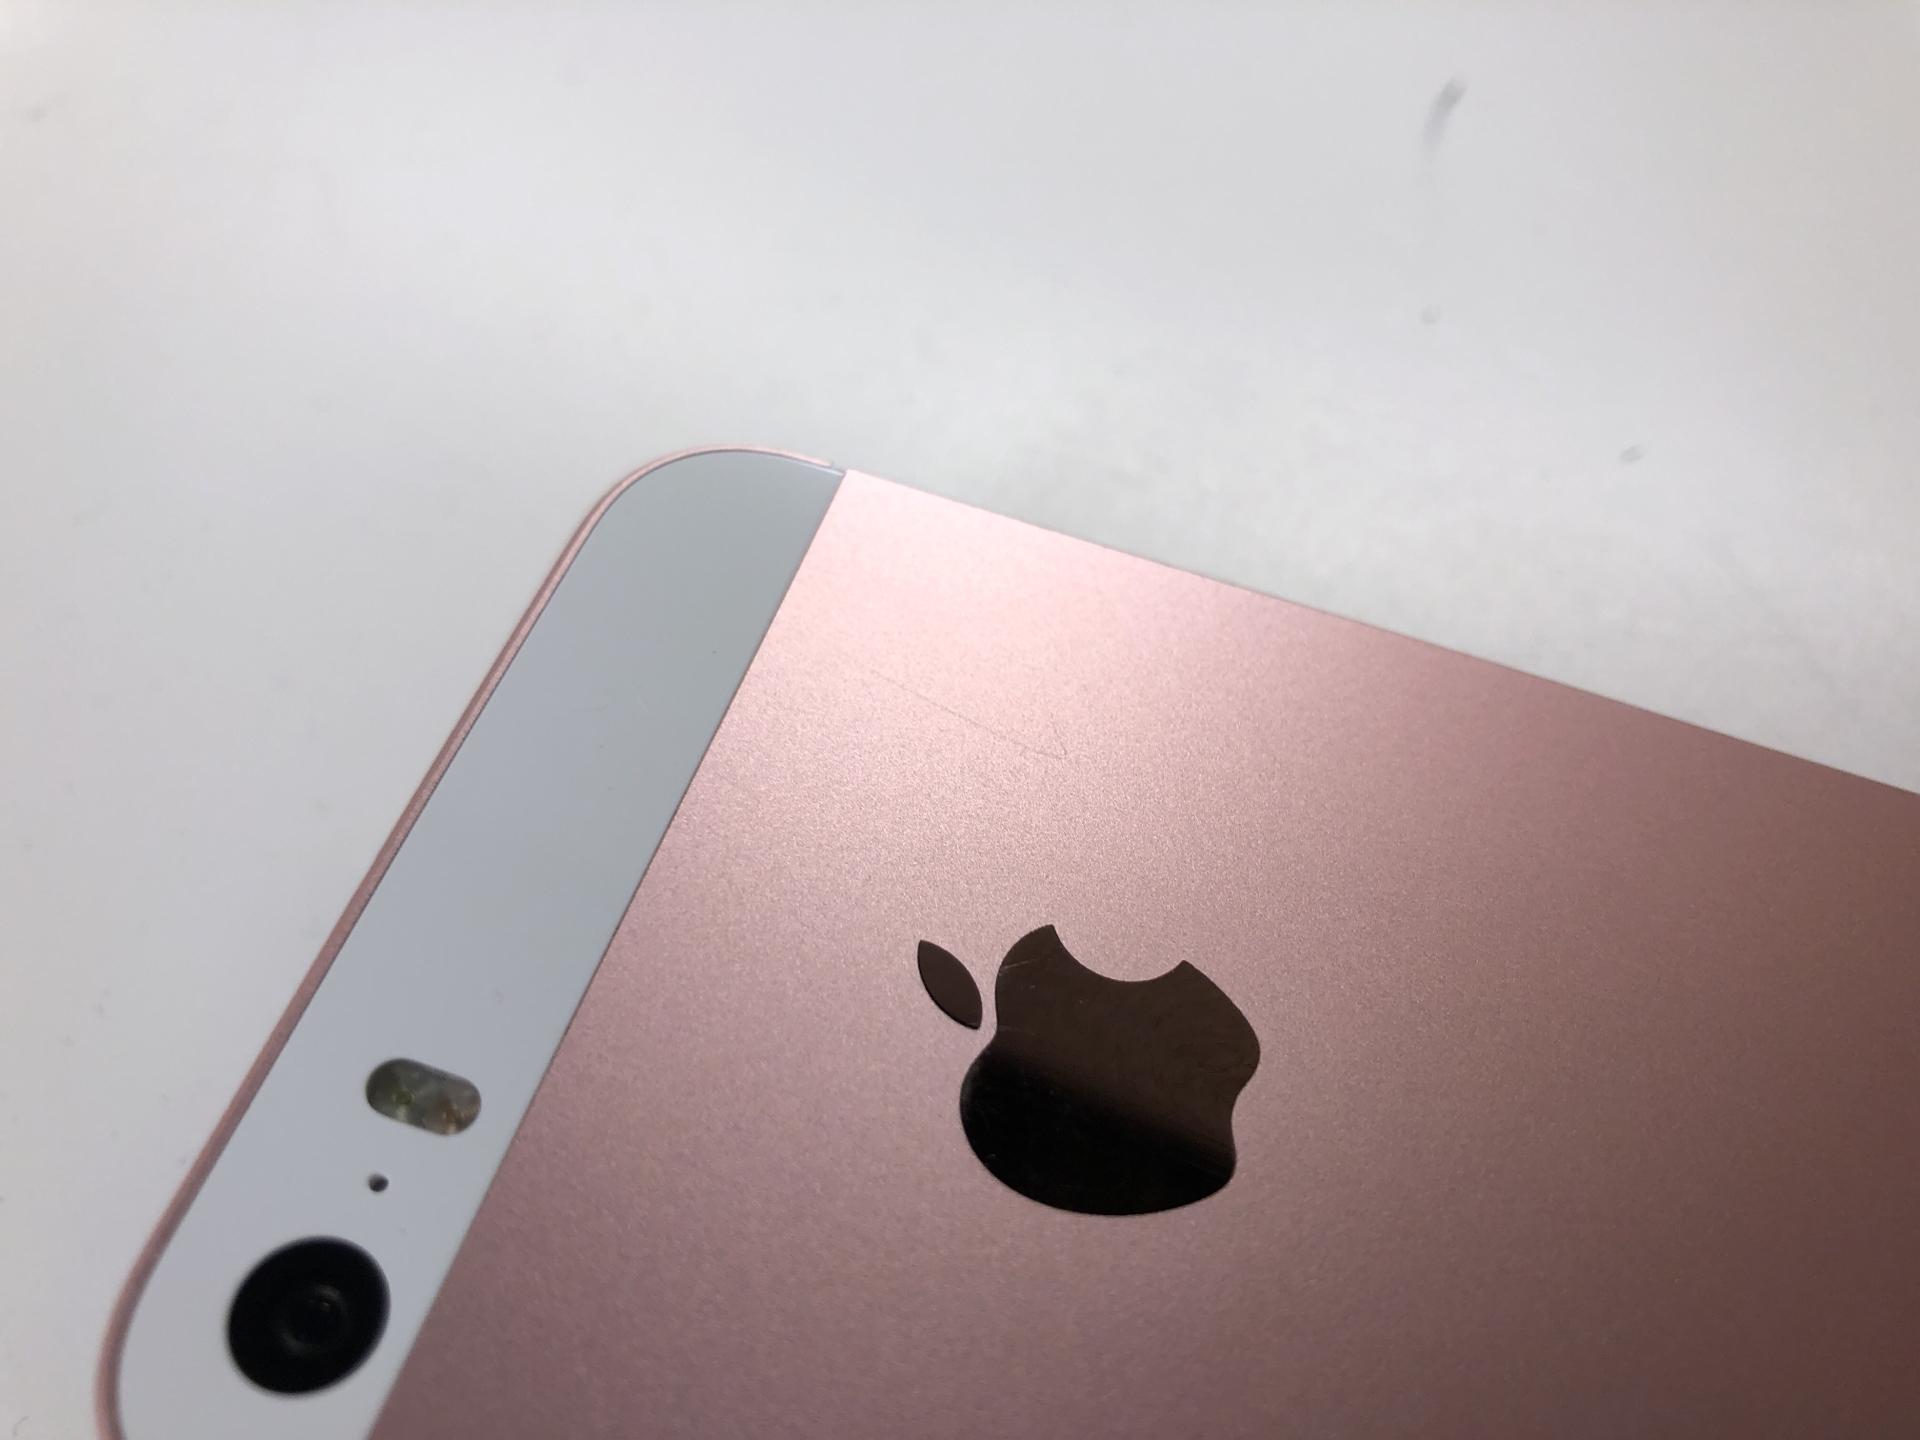 iPhone SE 16GB, 16GB, Rose Gold, bild 4